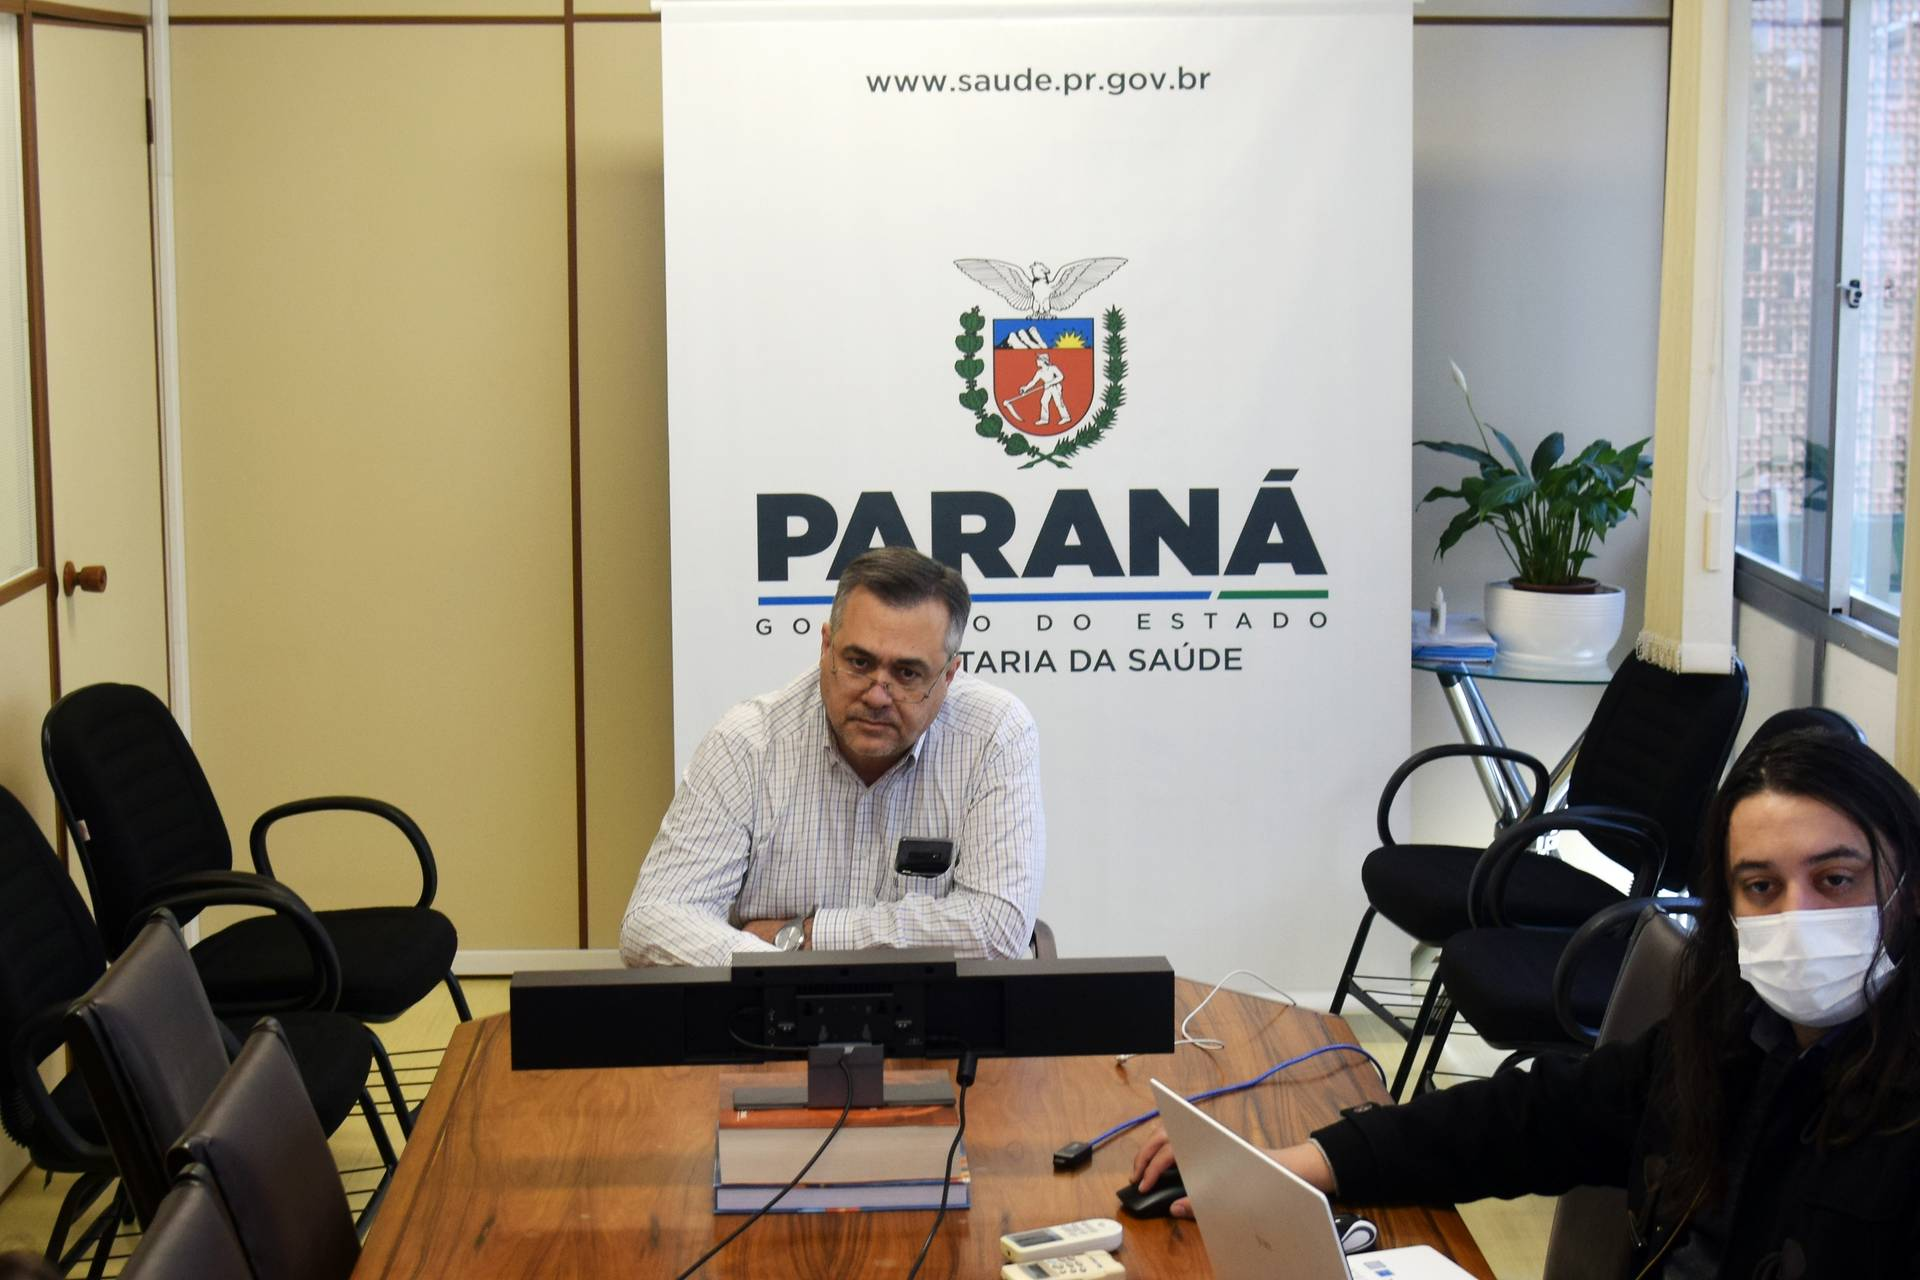 Paraná apresenta a nova metodologia de distribuição de vacinas aos municípios